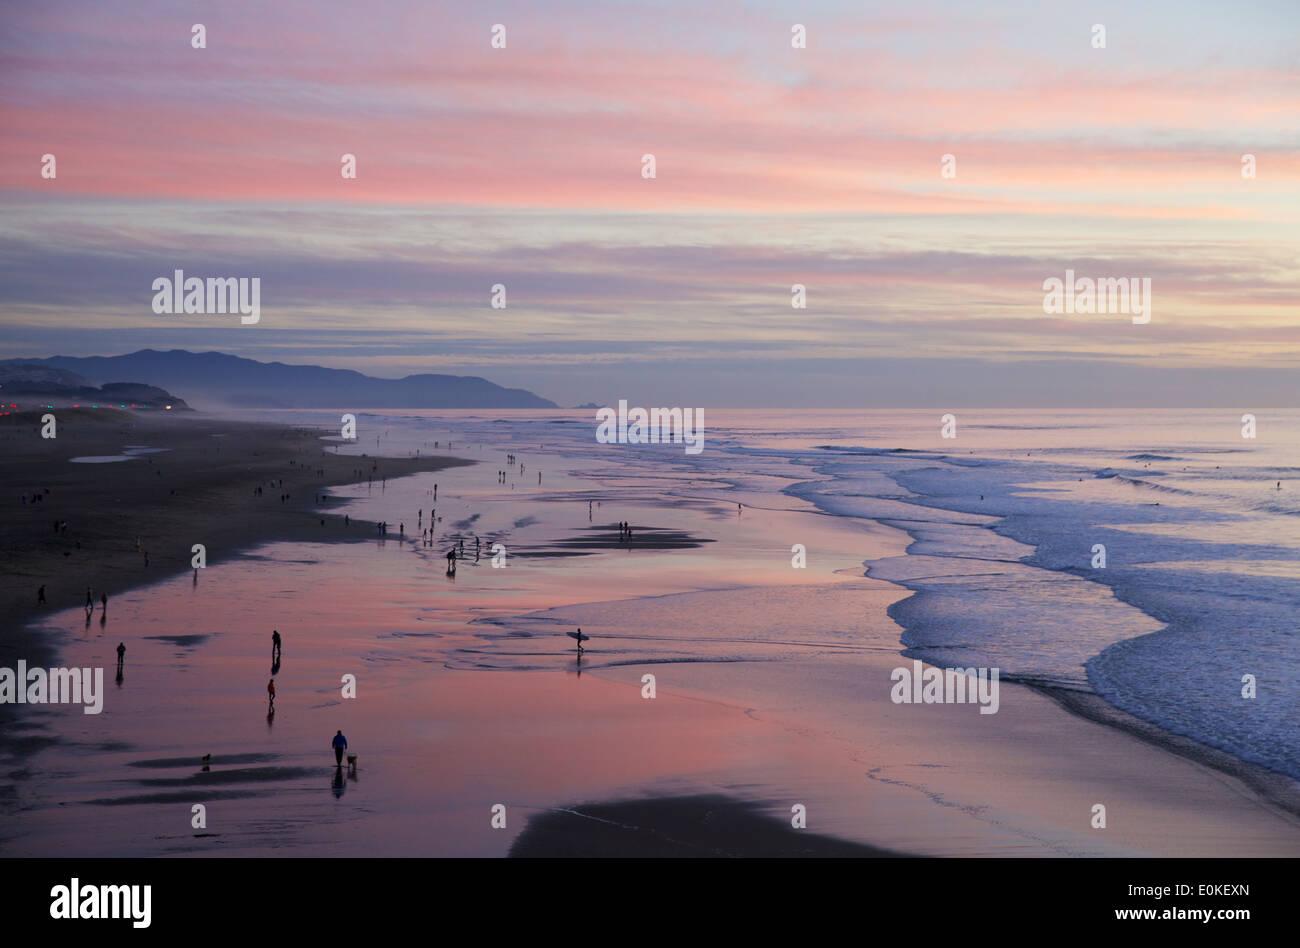 La gente caminando a lo largo de la costa son siluetas contra un brillante atardecer con colores azul, rosa y púrpura. Imagen De Stock